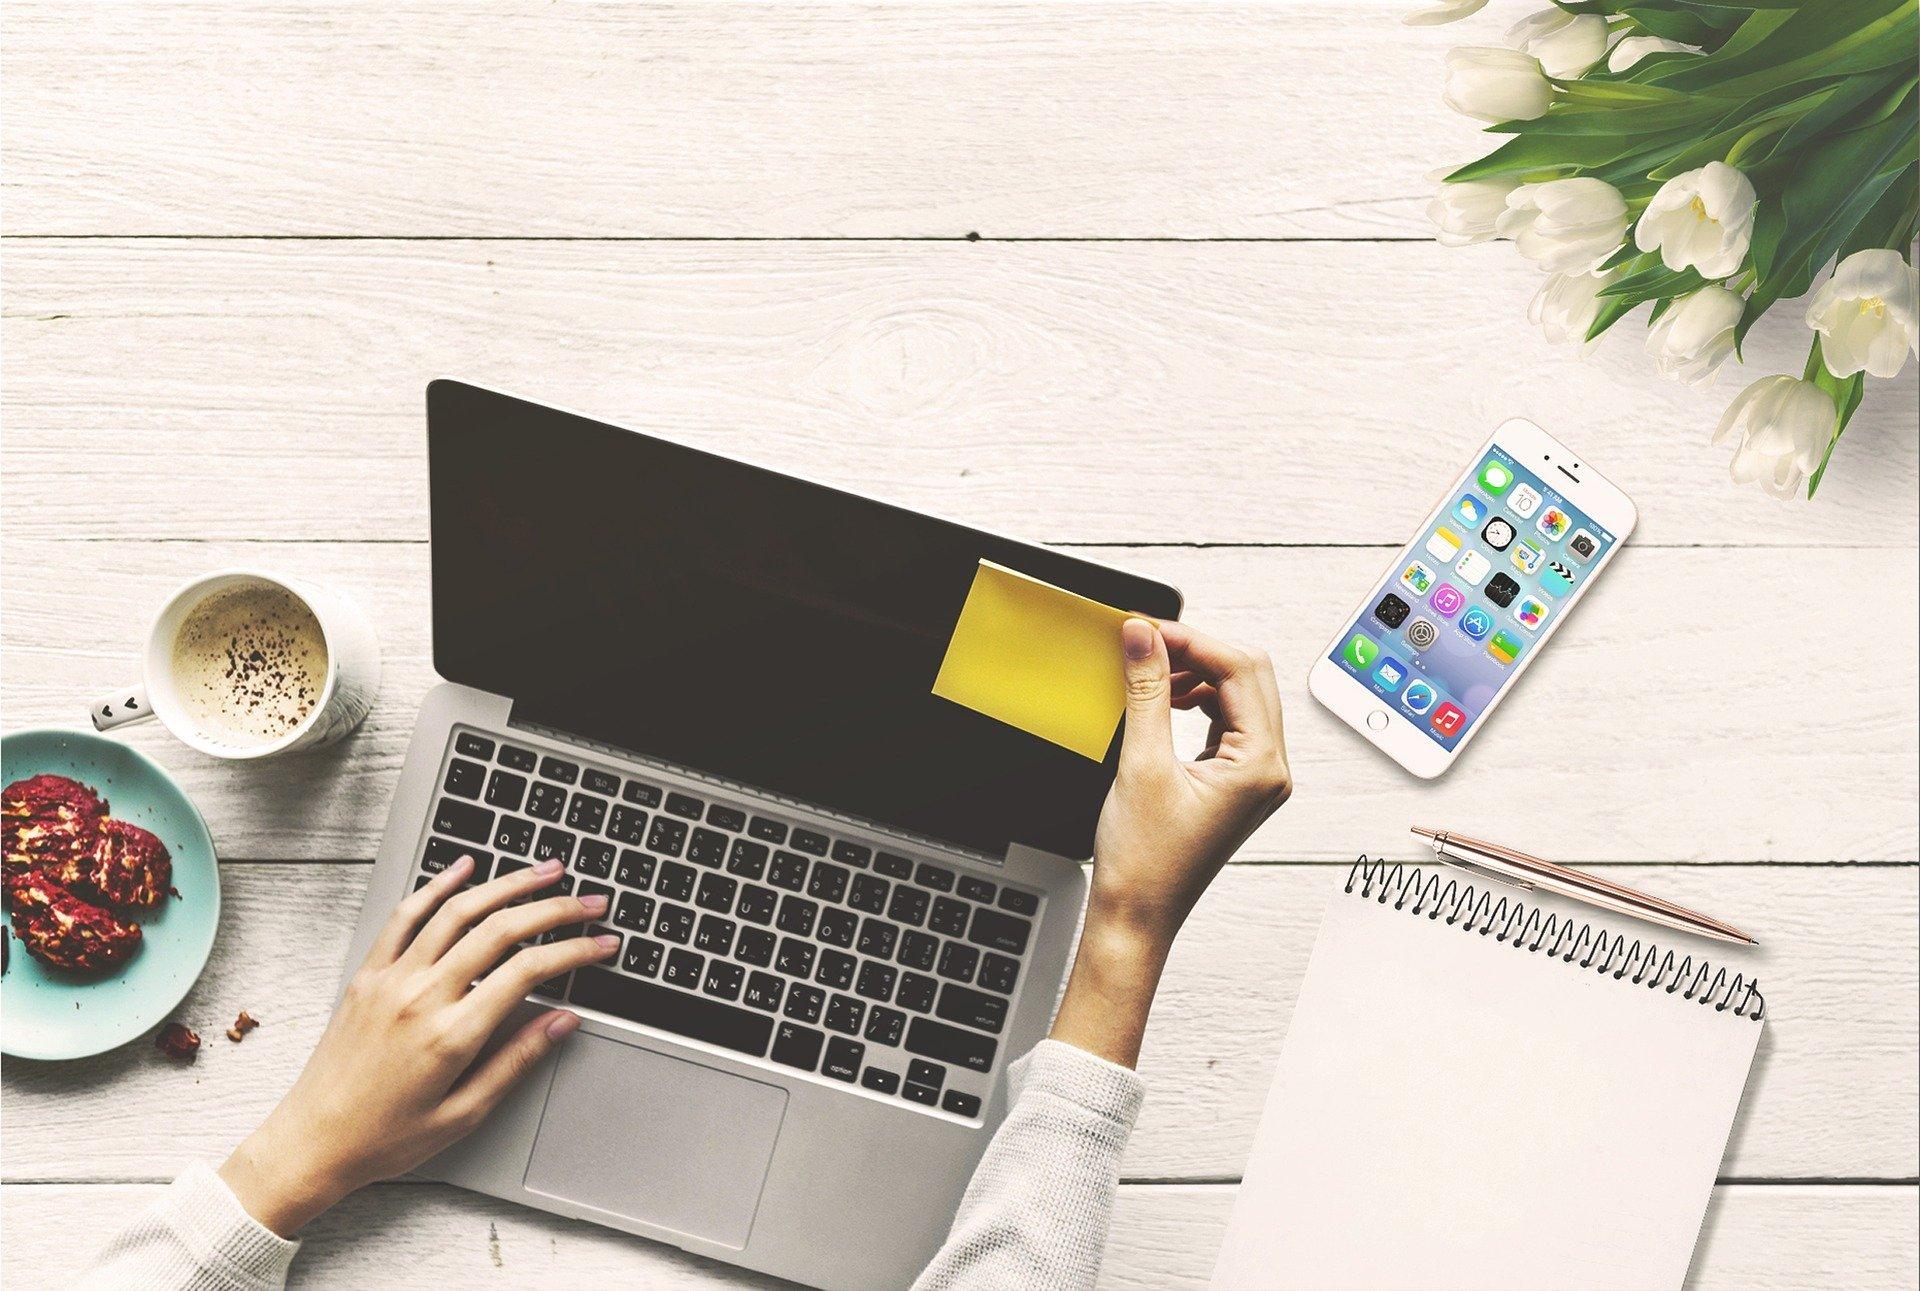 hogyan lehet pénzt keresni laptop használatával)